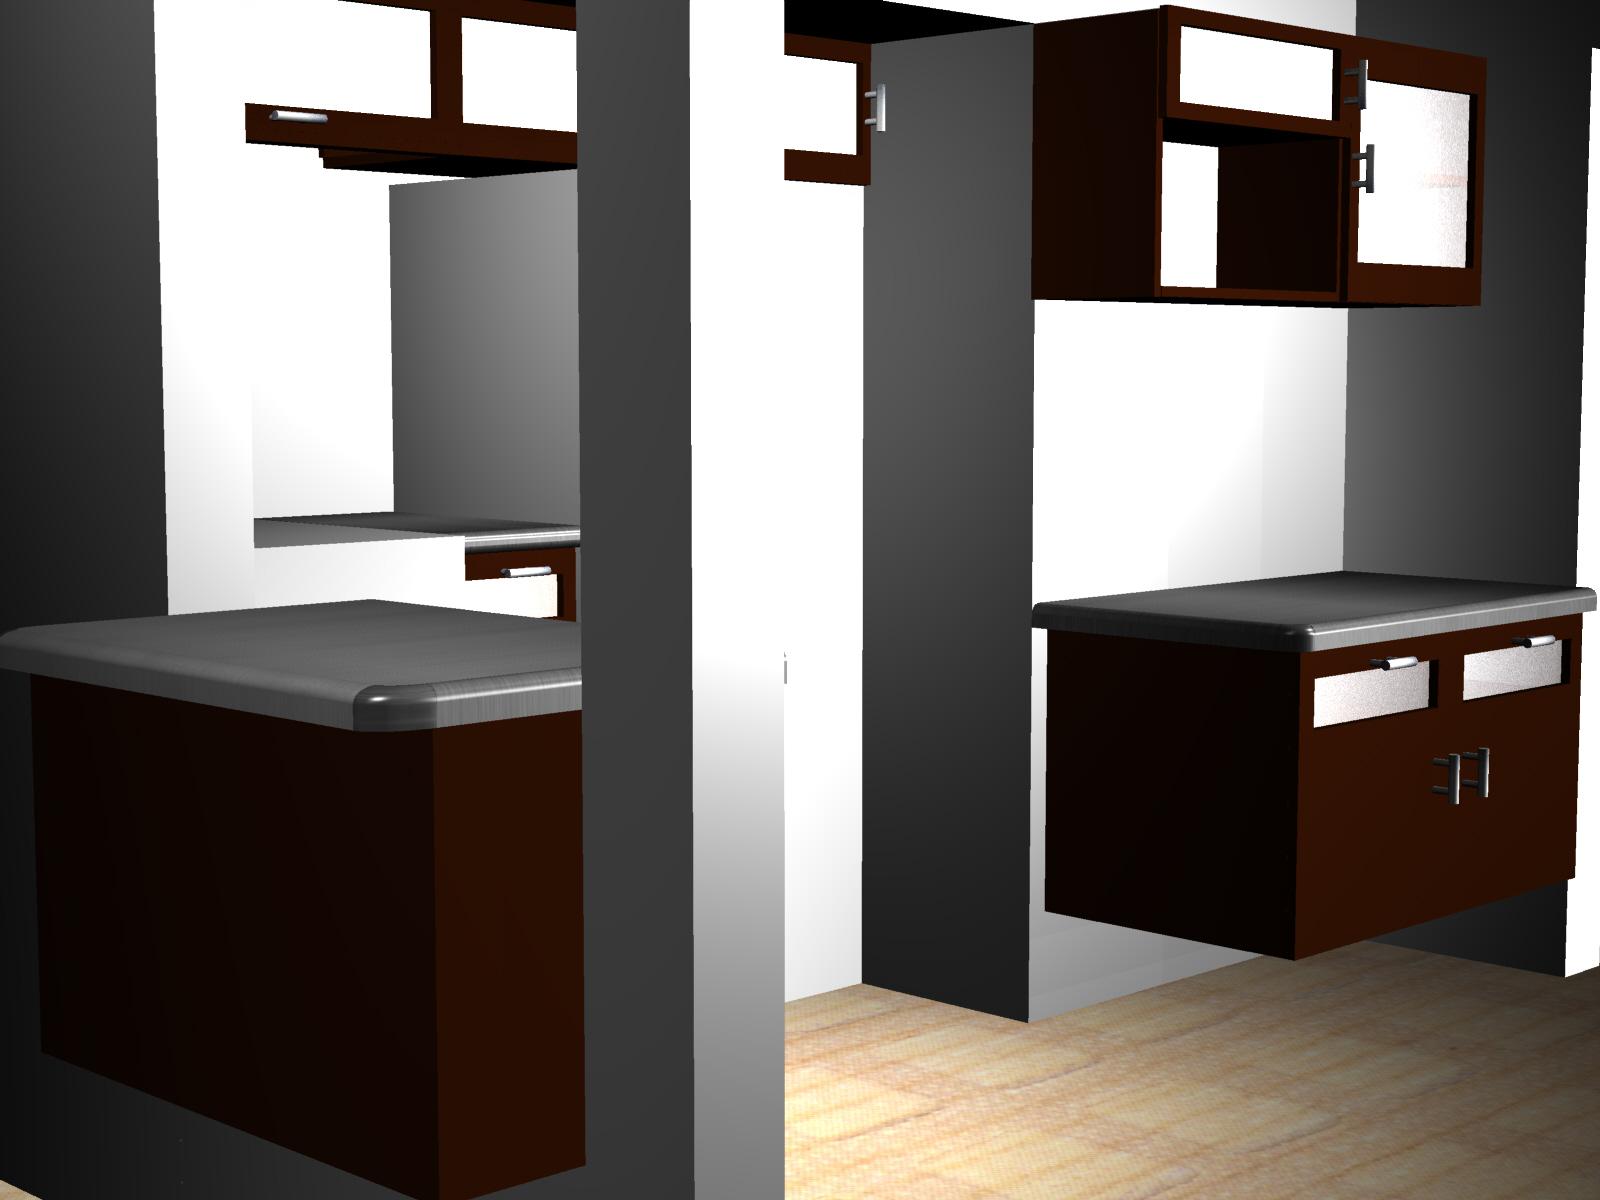 Dise o y fabricaci n de cocina integral dise o y for Integral diseno de interiores